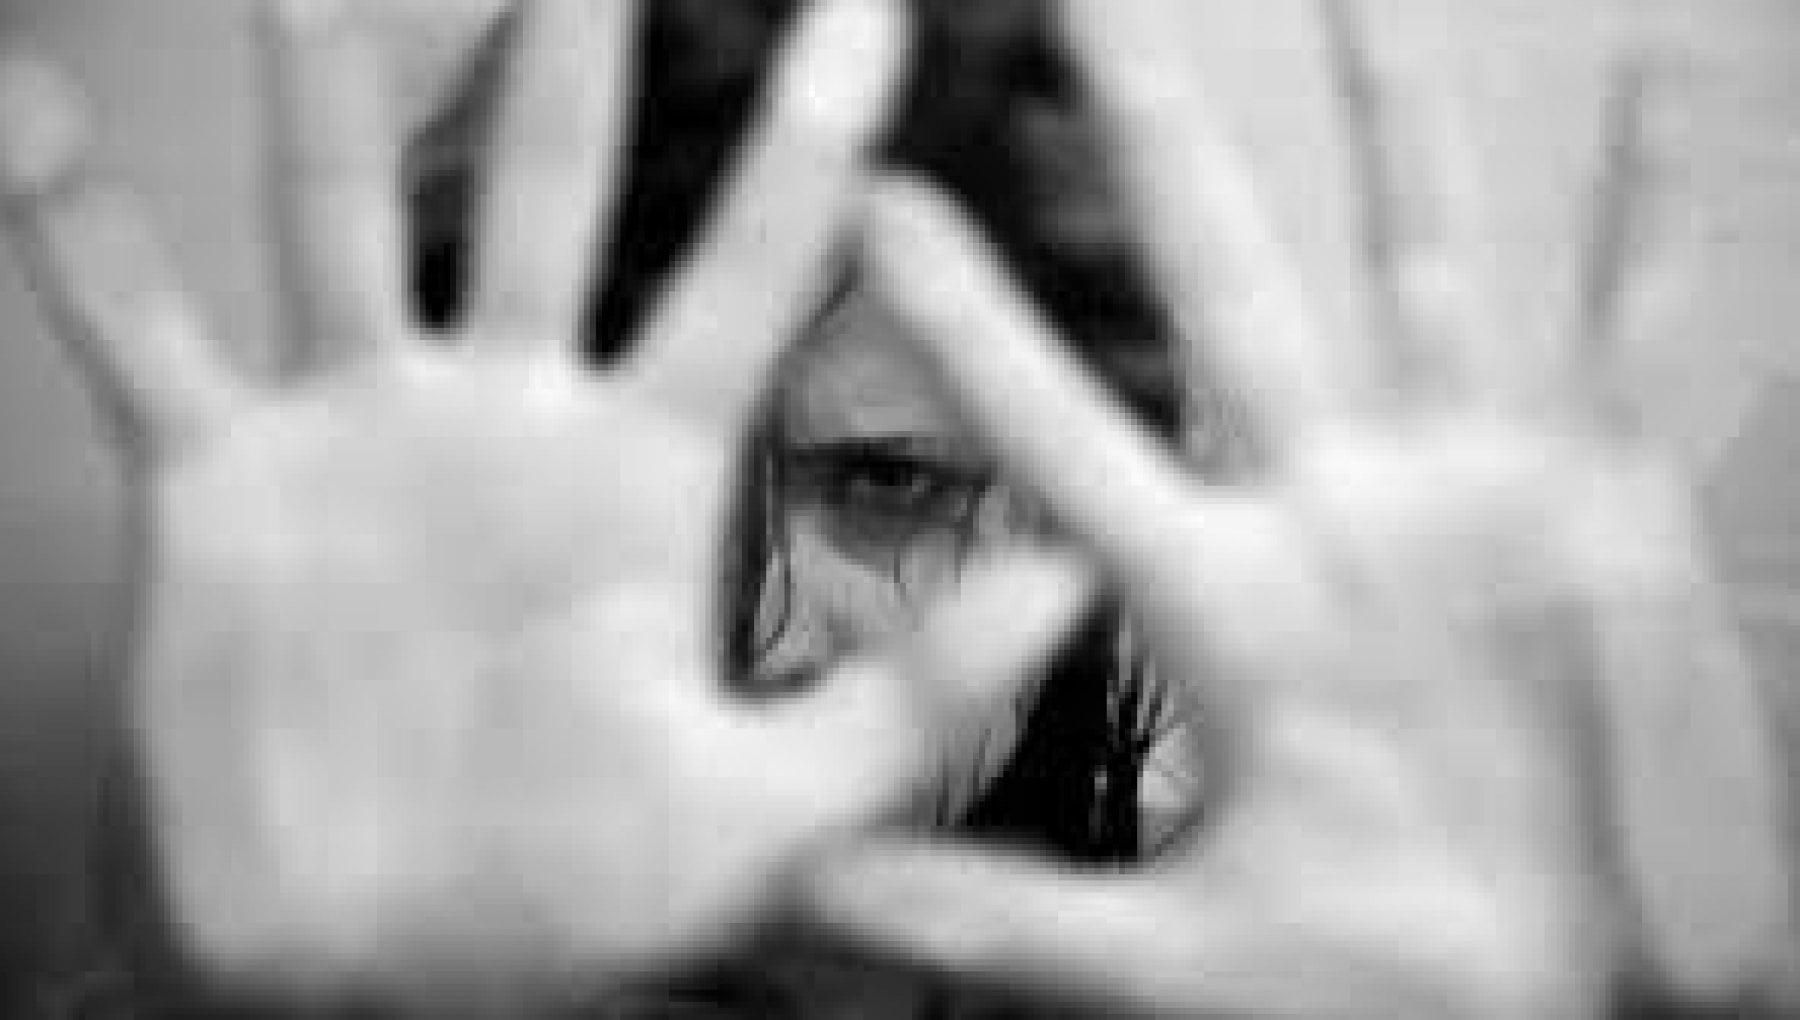 145905281 8dd740d0 5bf2 4d15 a33c 05d9d2edfb4f - Savona, violenza sessuale di gruppo contro una ragazza: due arresti